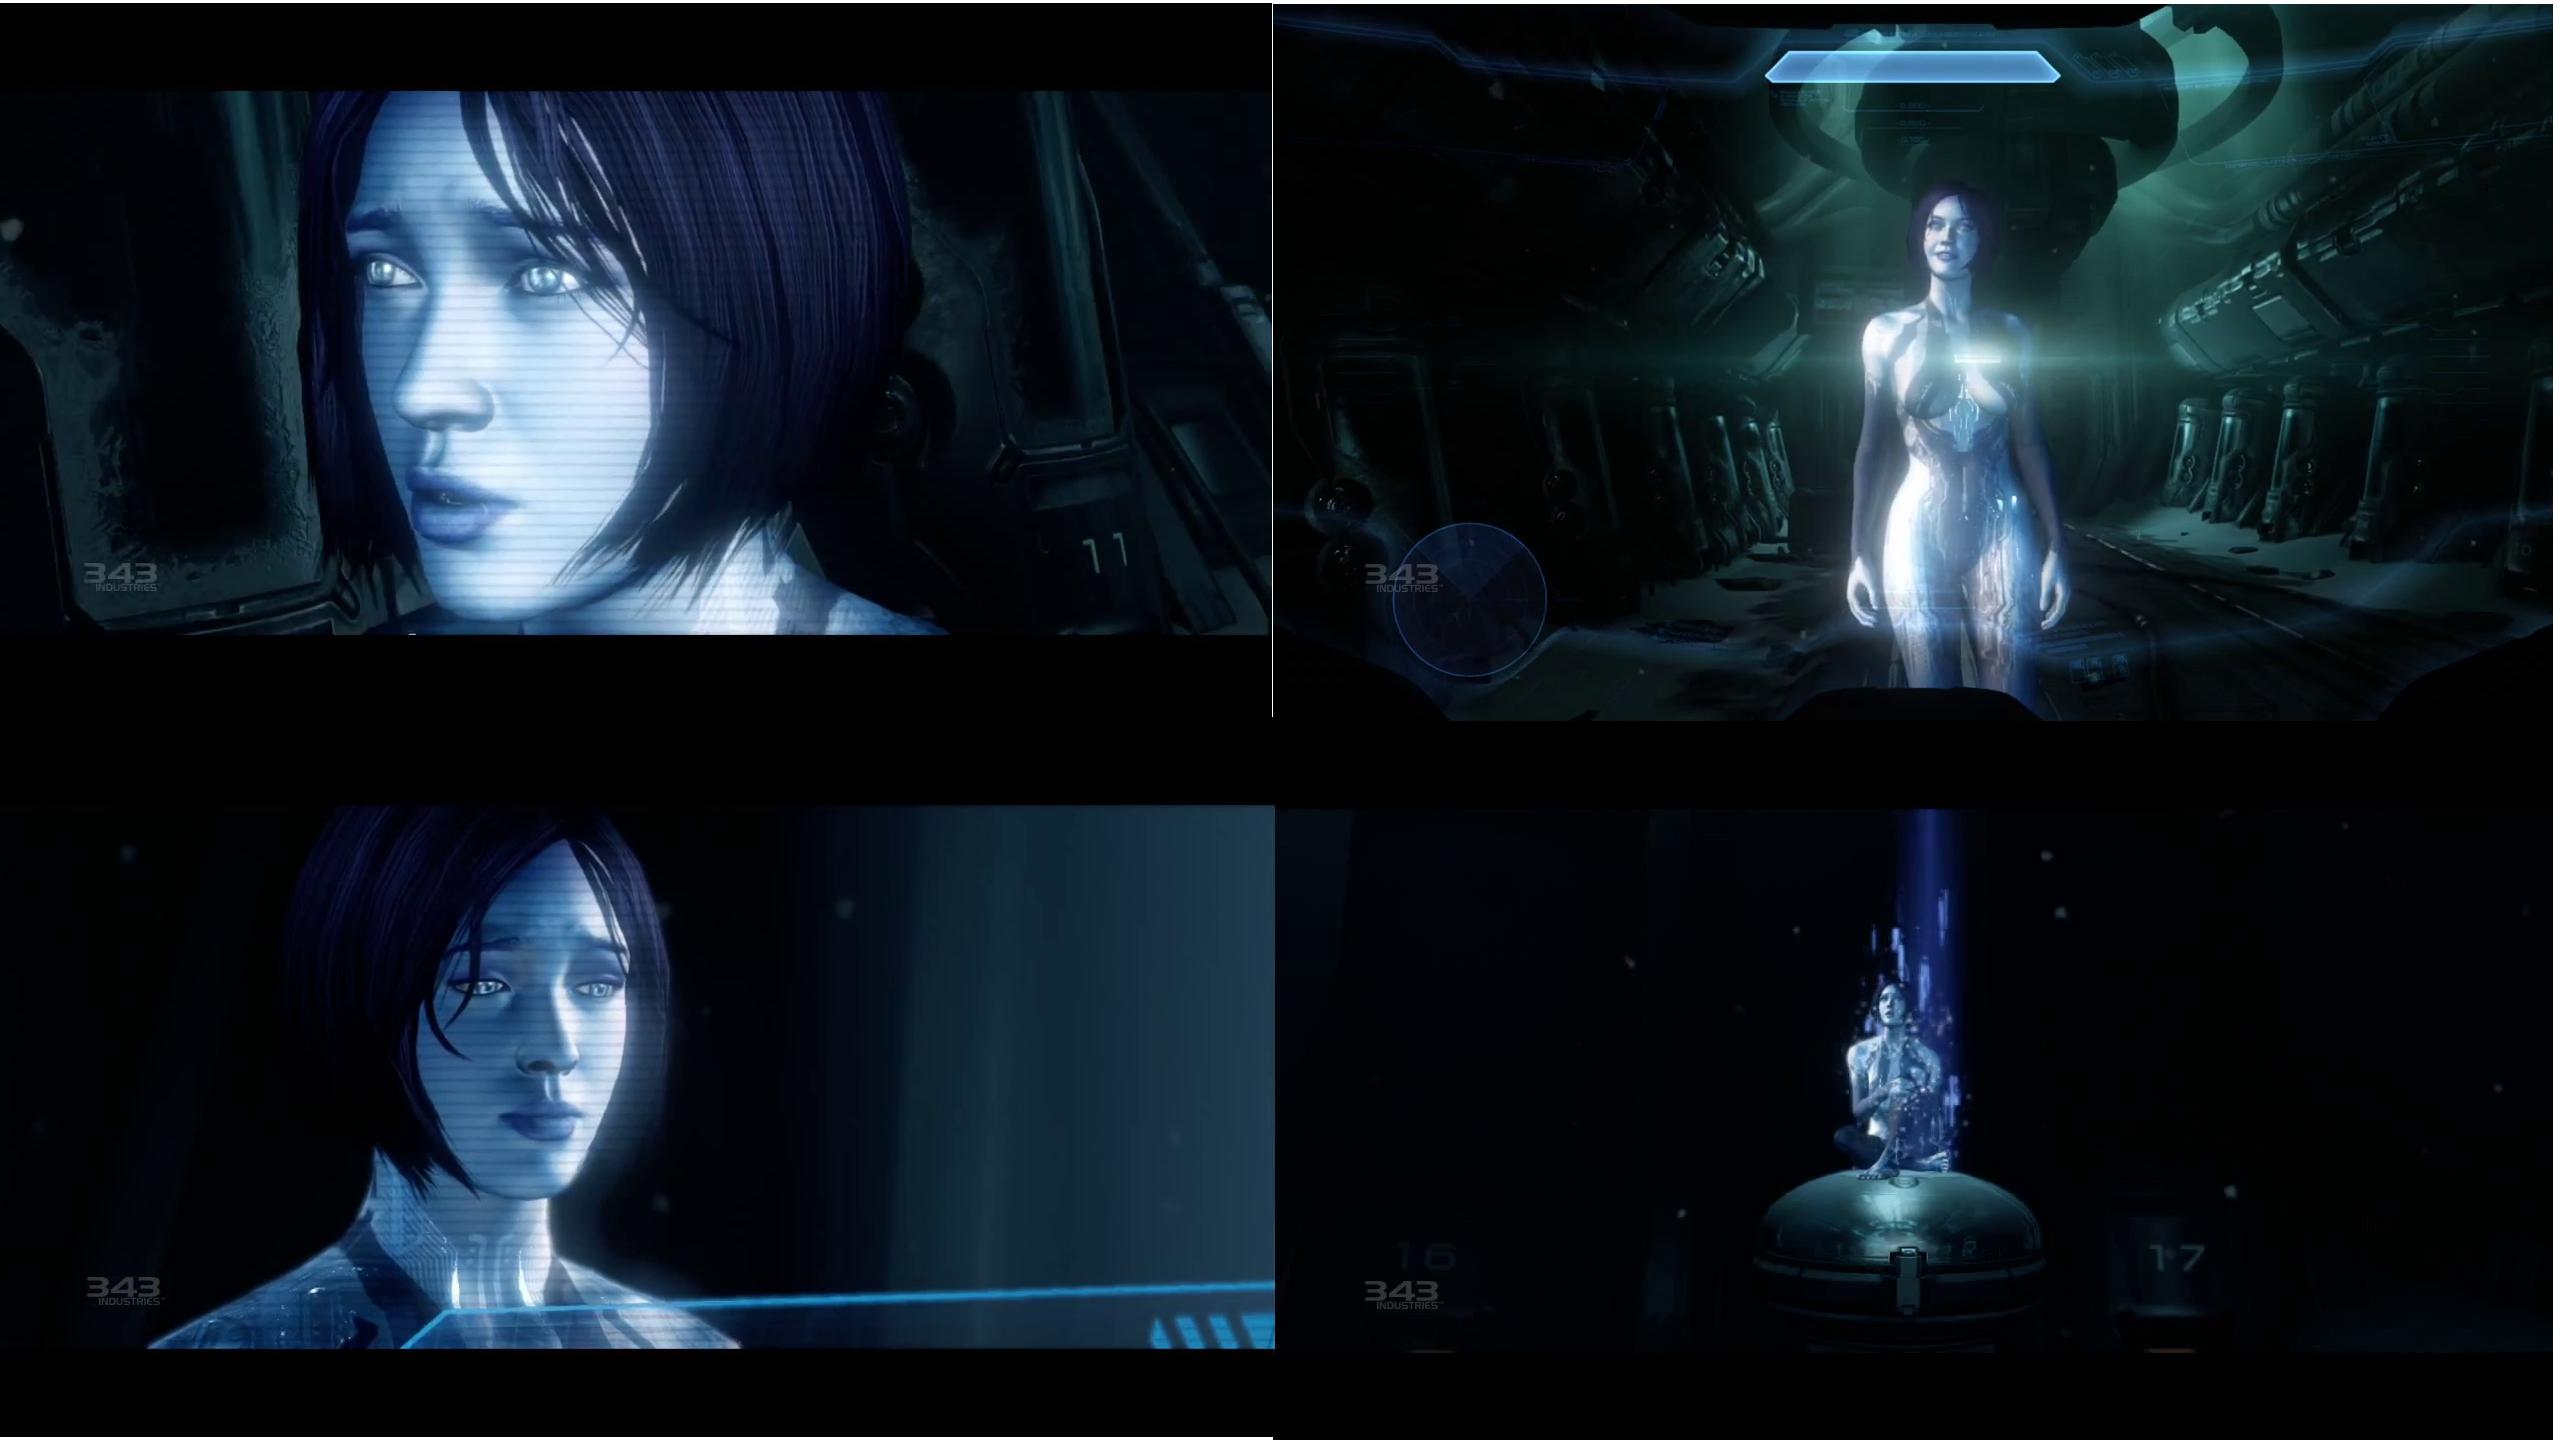 Halo Cortana Images FemaleCelebrity 2560x1440